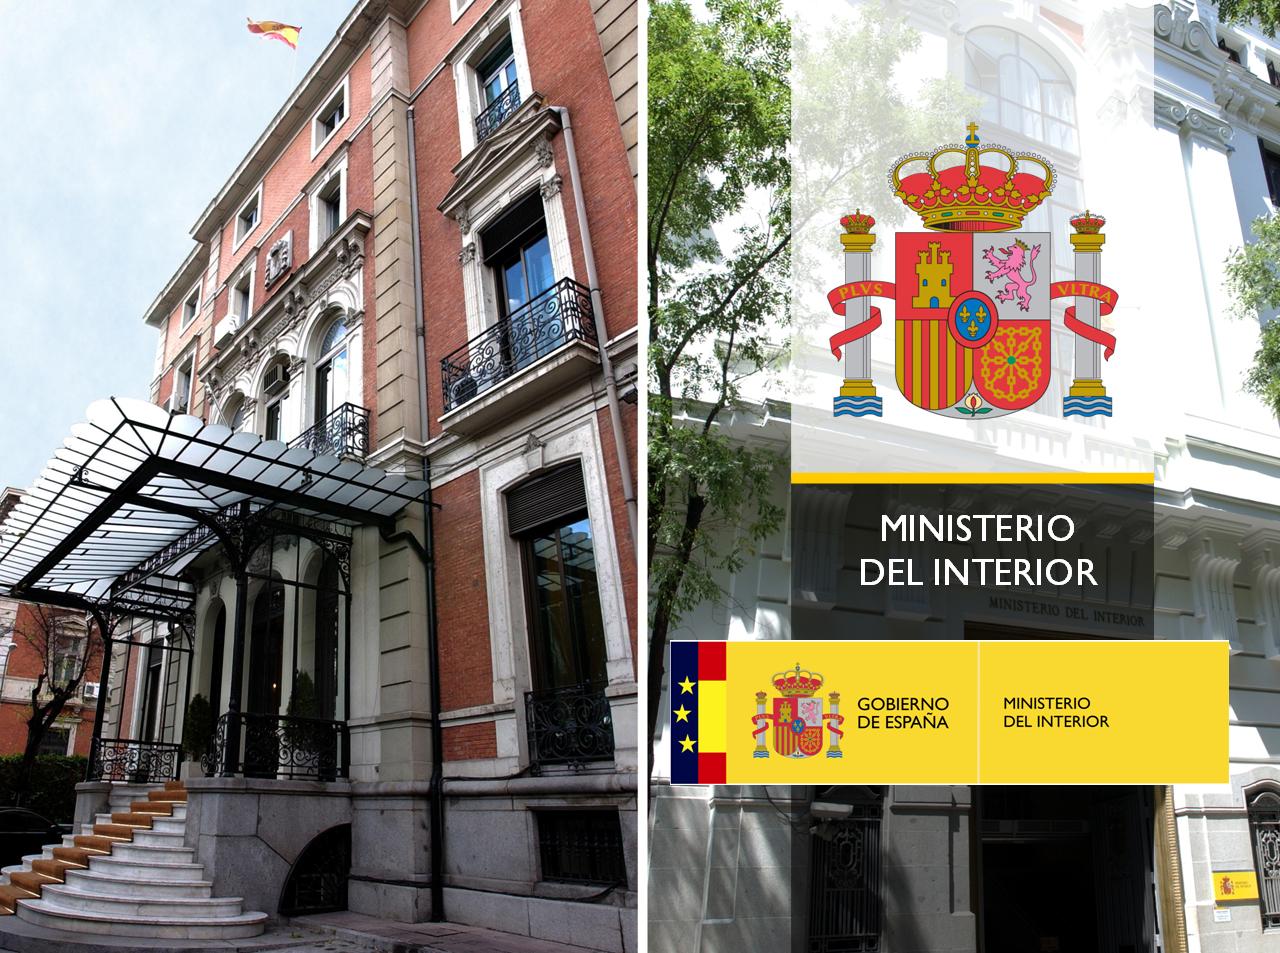 Presentamos una propuesta al ministerio del interior para for Ministerio del interior ultimas noticias